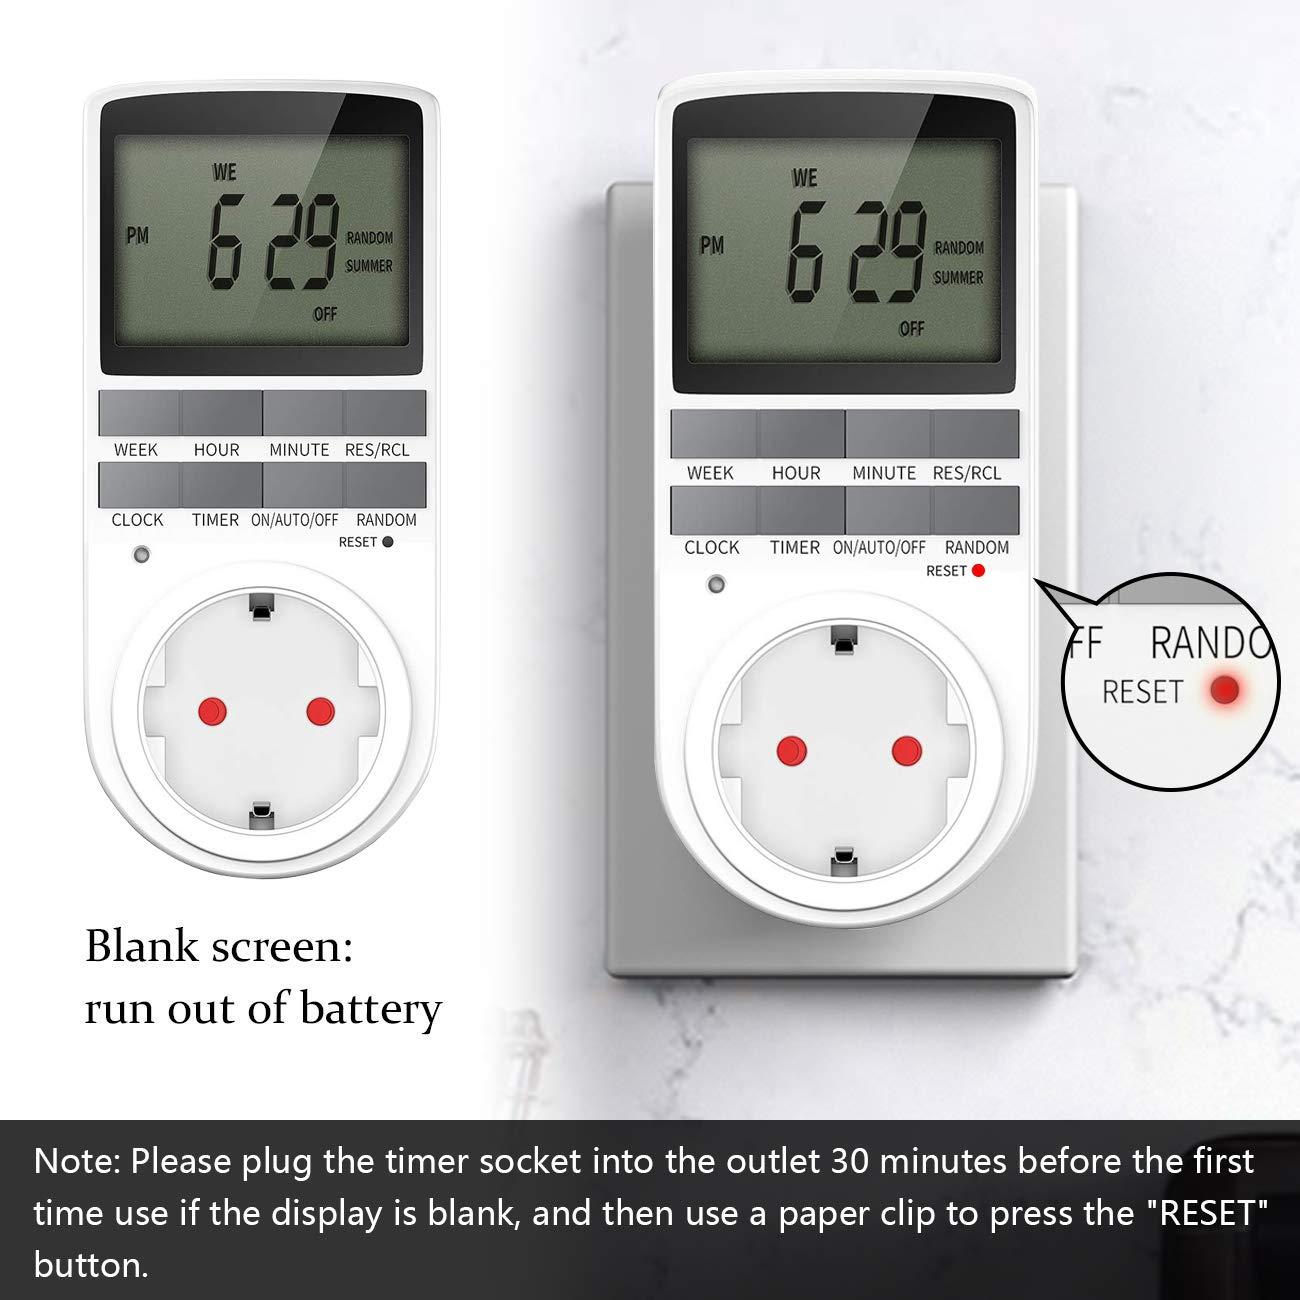 2er Digitale Zeitschaltuhr,EXTSUD Digitale Elektrische Zeitschaltuhr Steckdose LCD Display Steckdosenschalter mit 10 konfigurierbare w/öchentlichen Programme und Random Diebstahlsicherung 12//24h 3680W